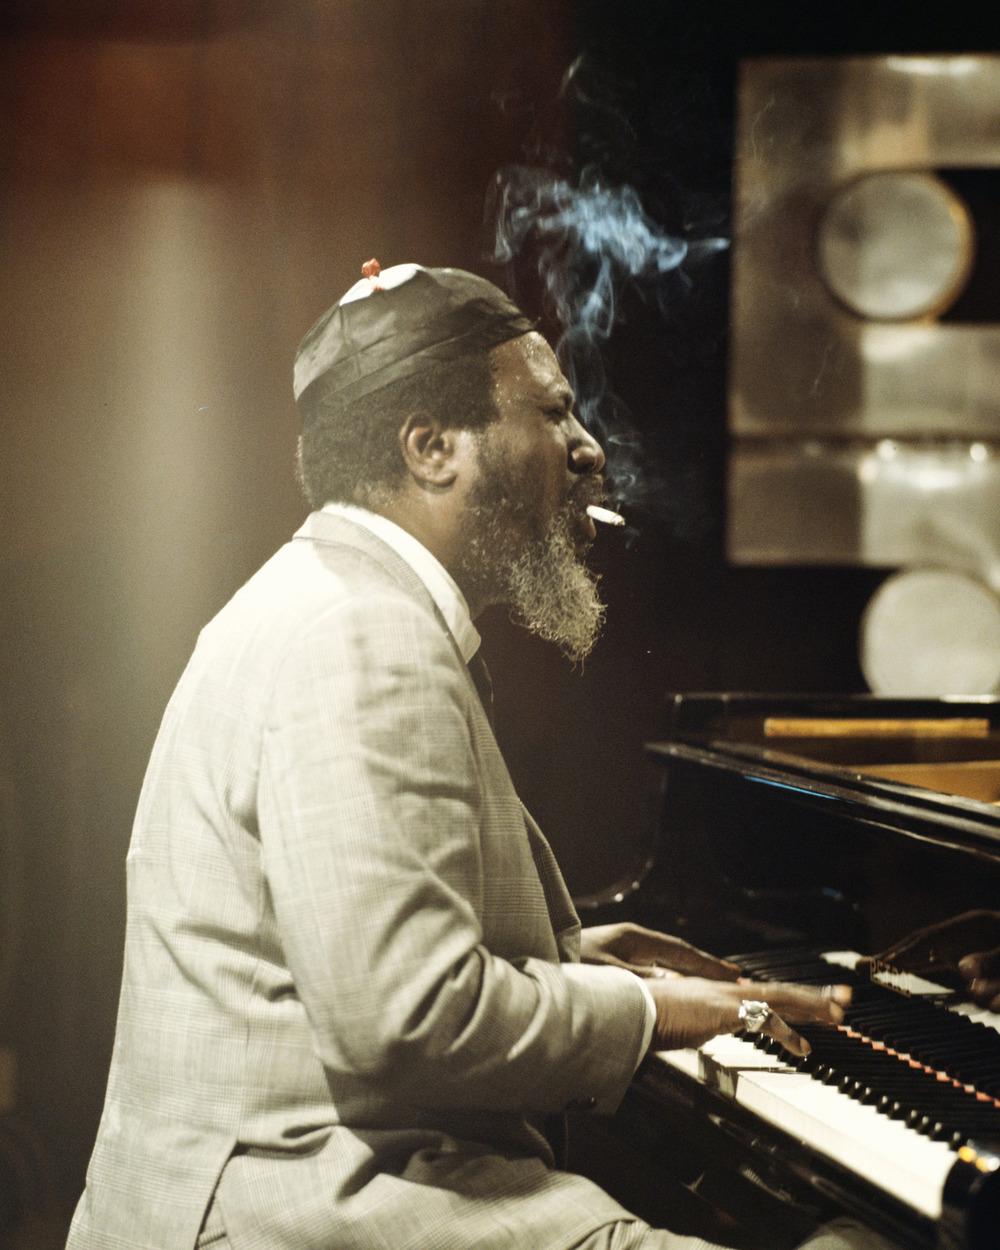 """Um dos heróis do jazz. E se é do jazz, é do estilo também. Porque, como todos sabem, o jazz é um dos gêneros mais elegantes da música. Ao lado de caras como John Coltrane, Miles Davis e Charlie Parker, ajudou a difundir o jazz e """"popularizá-lo"""". Sua elegância era notável. Fosse para trajar os mais alinhados ternos, fosse para desferir seus golpes nas teclas do piano. Se estivesse vivo até hoje, Monk completaria 97 anos de vida. Uma vida dedicada ao jazz e à música. Com muito estilo, claro."""